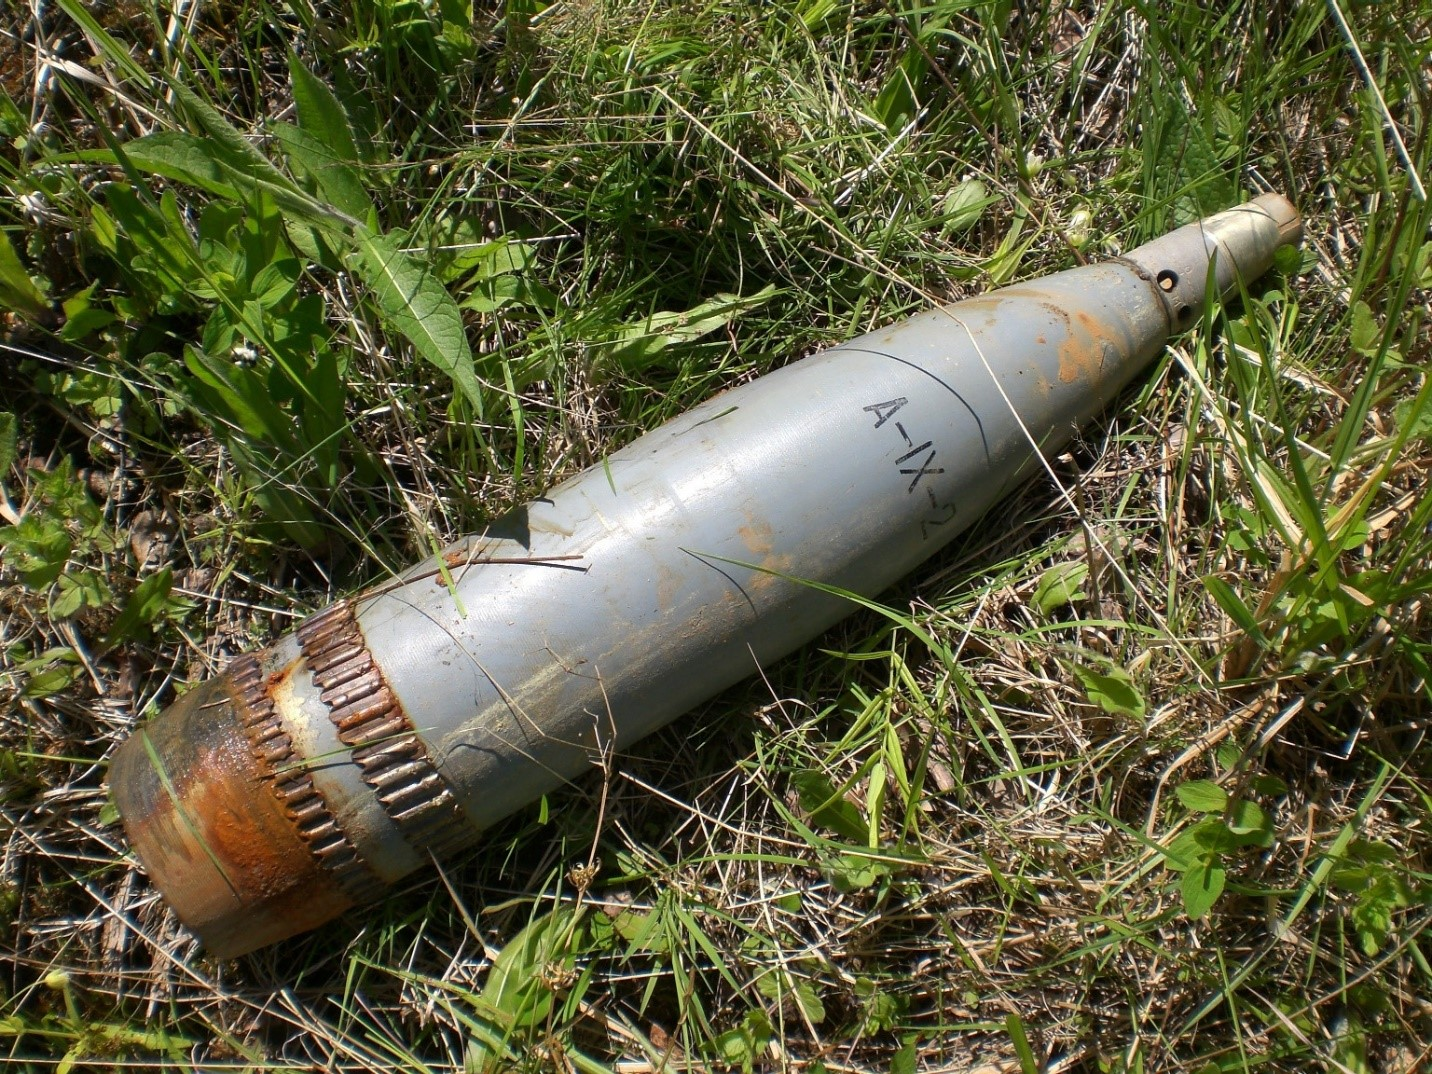 100-миллиметровый снаряд БМП-3